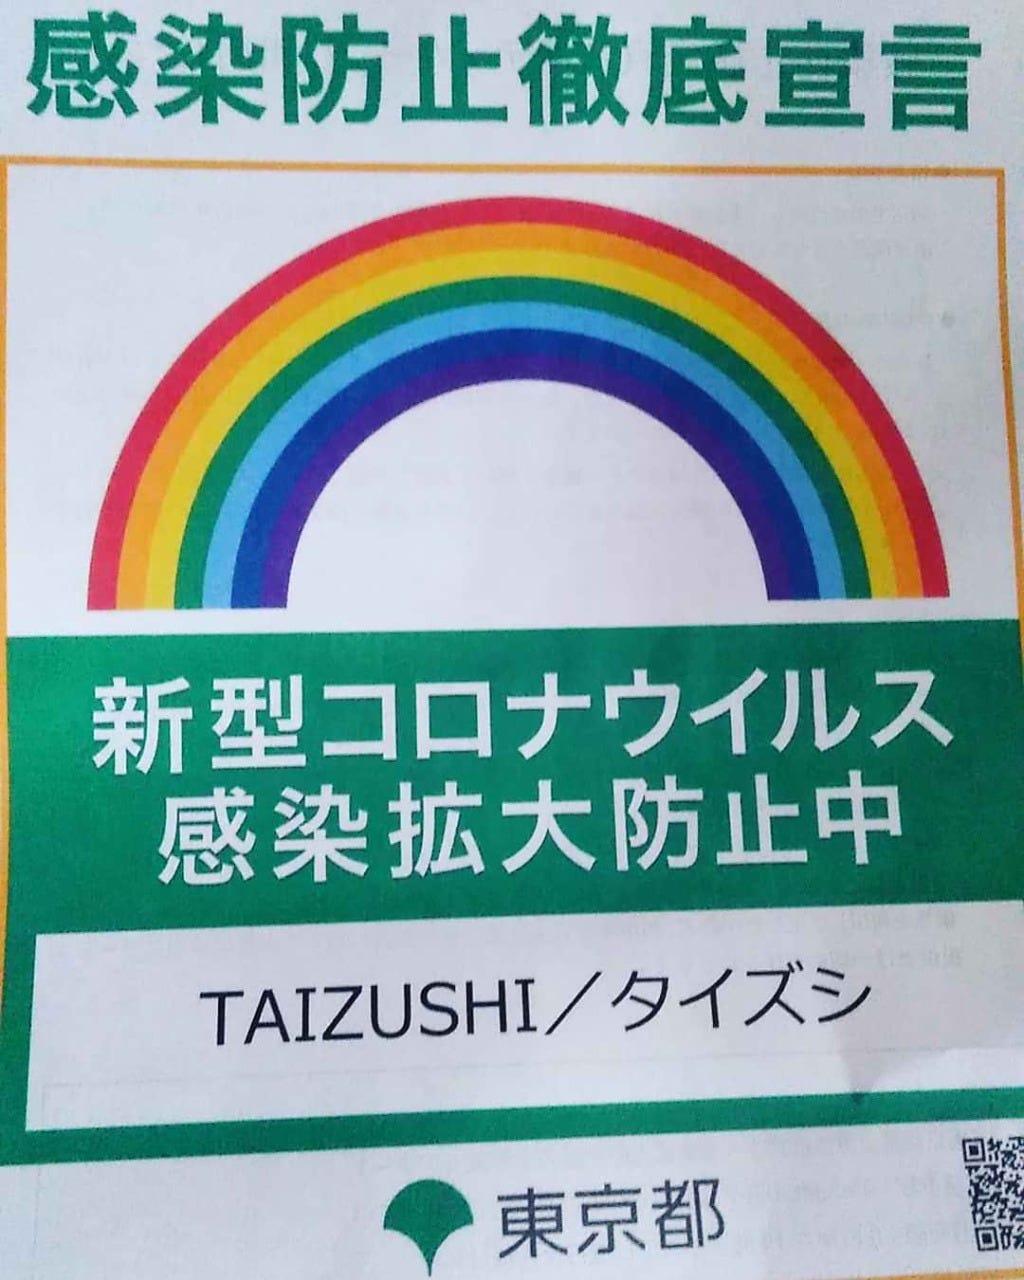 寿司・創作料理/TAIZUSHI